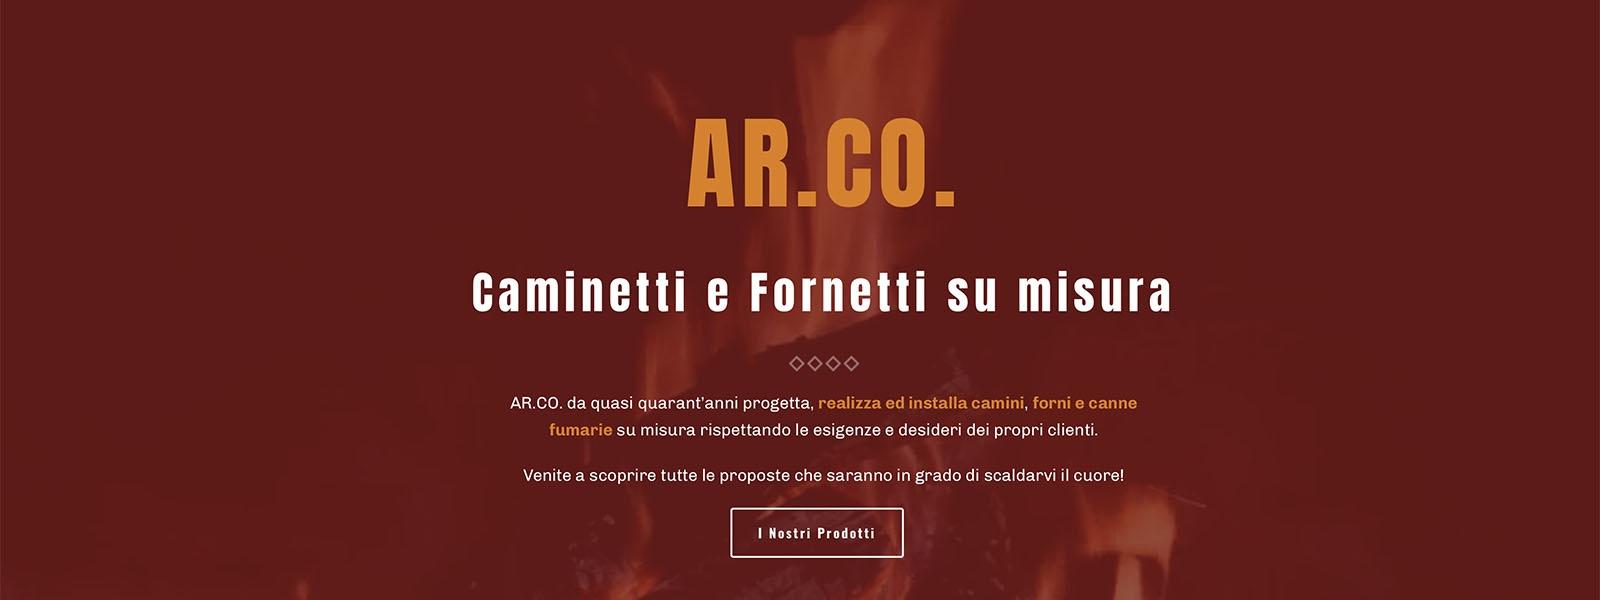 Sito Web Arco Caminetti